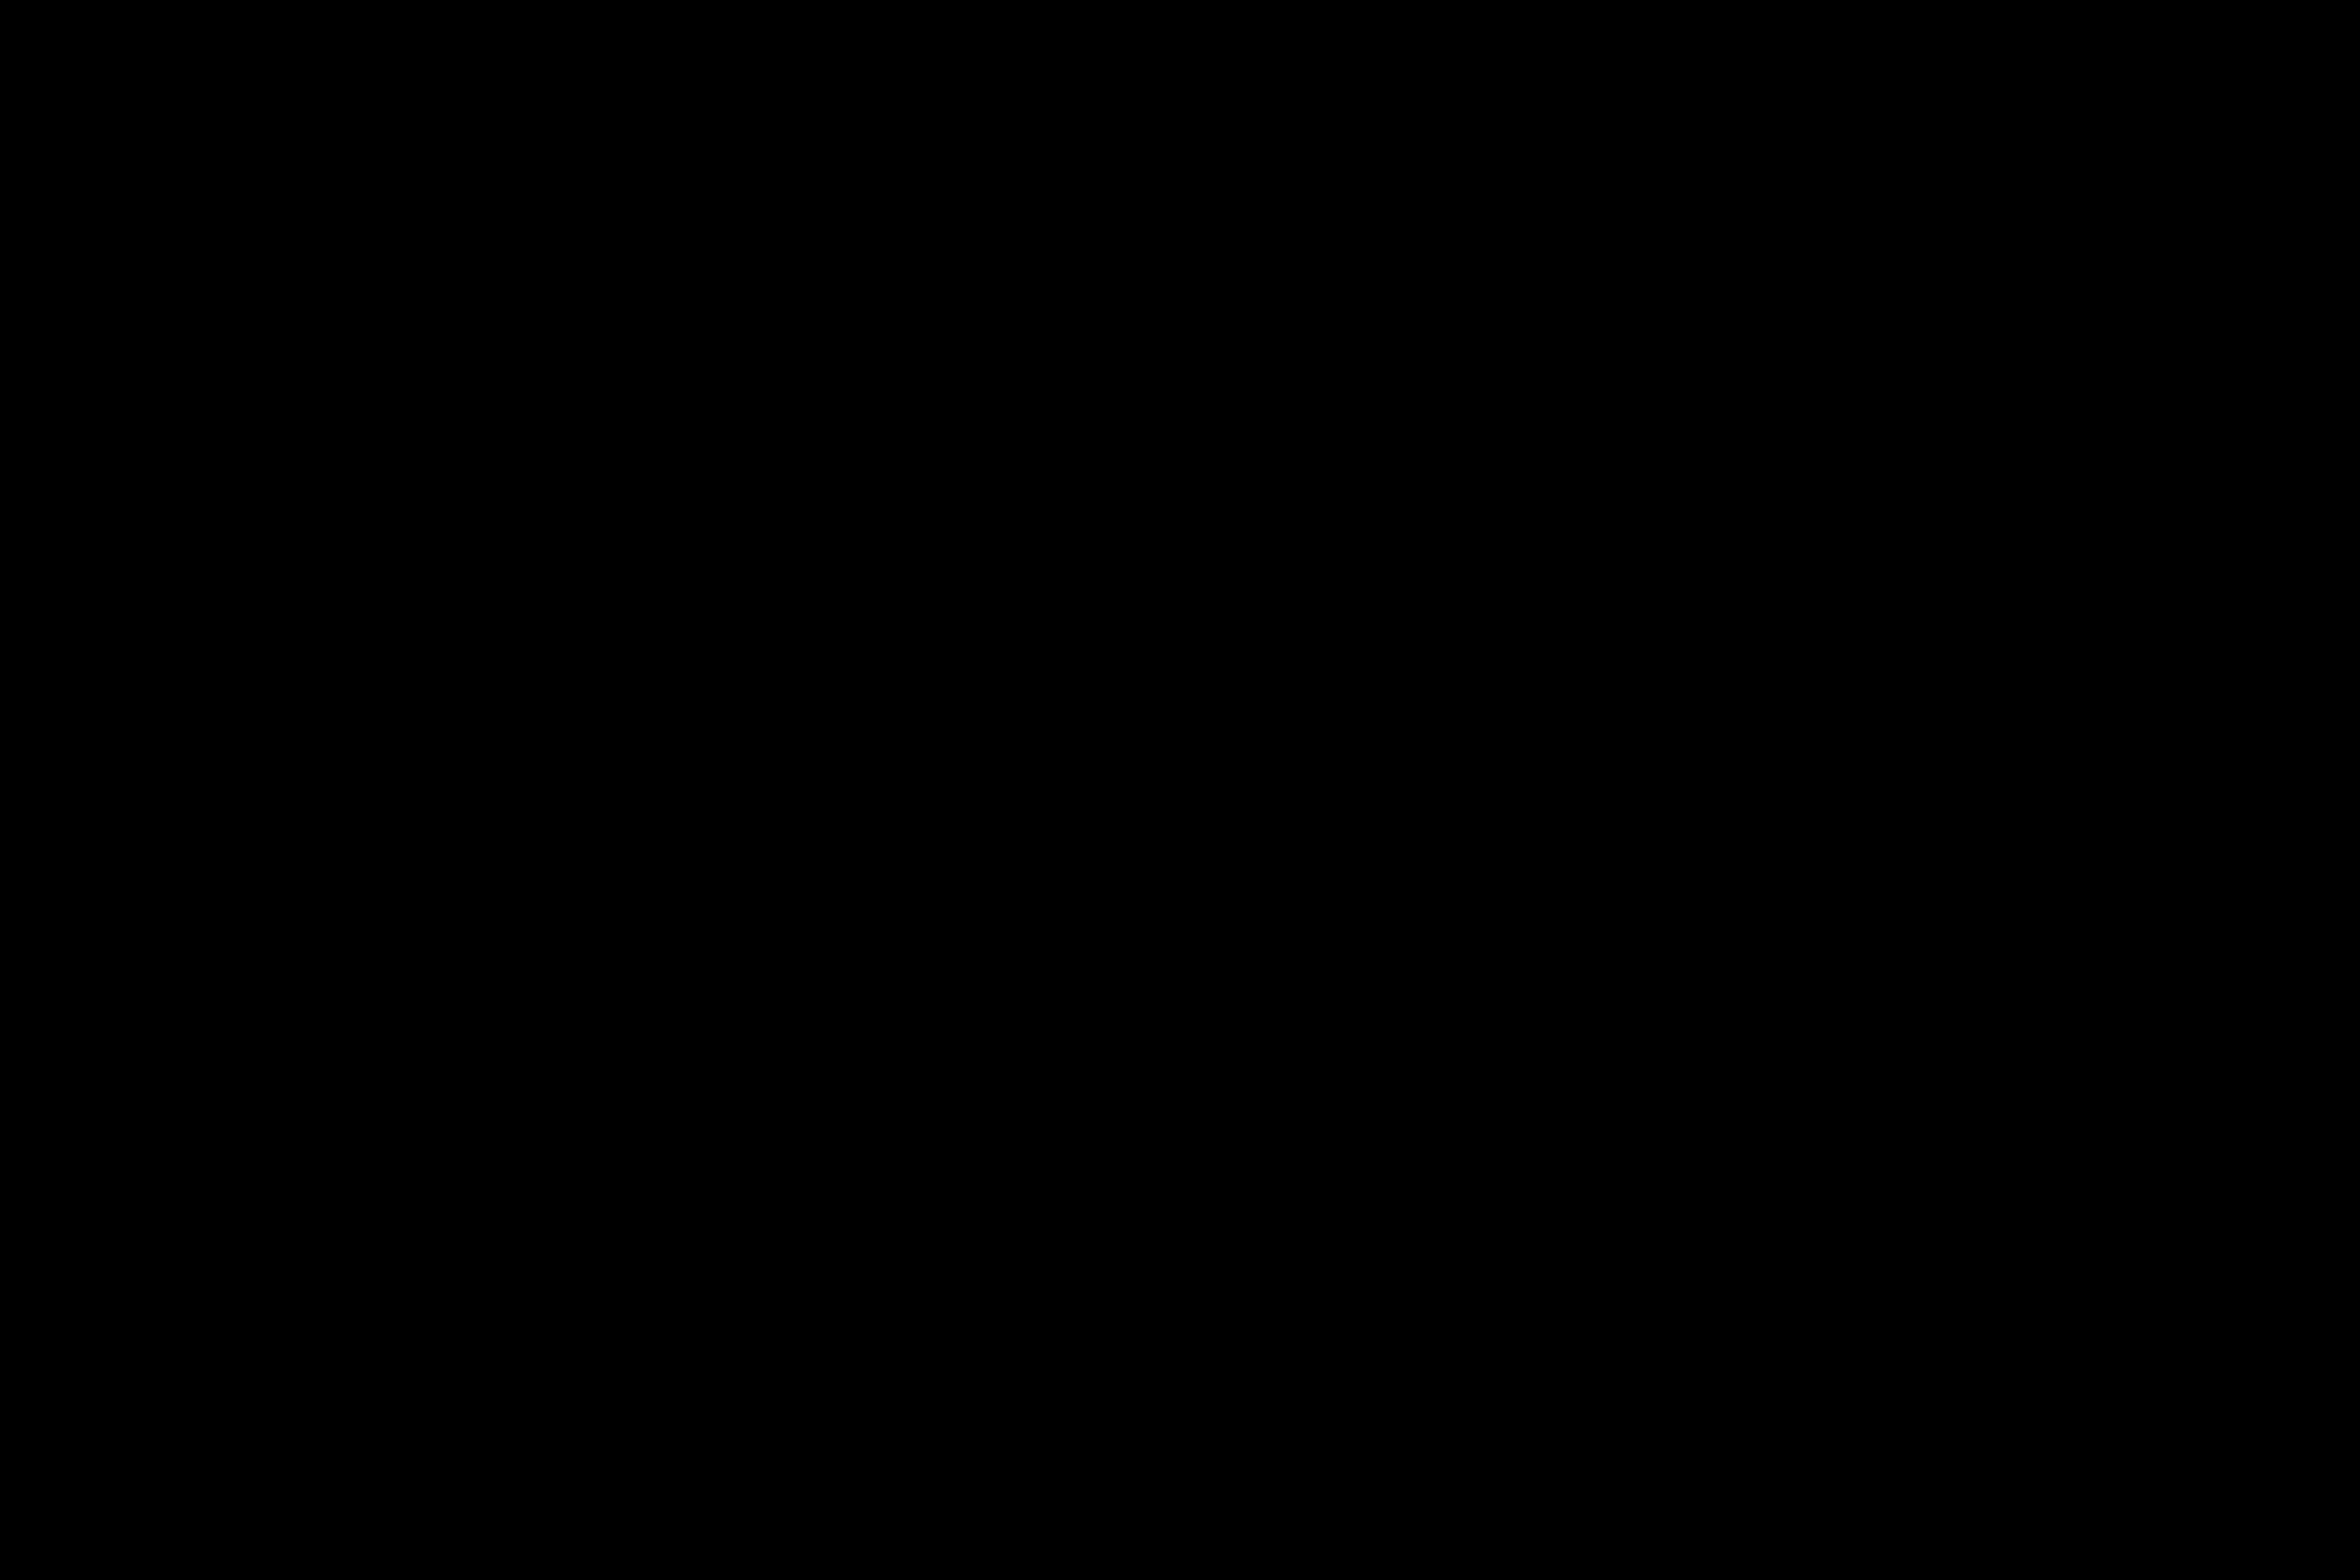 Viktoria-Broszehl-black-high-res